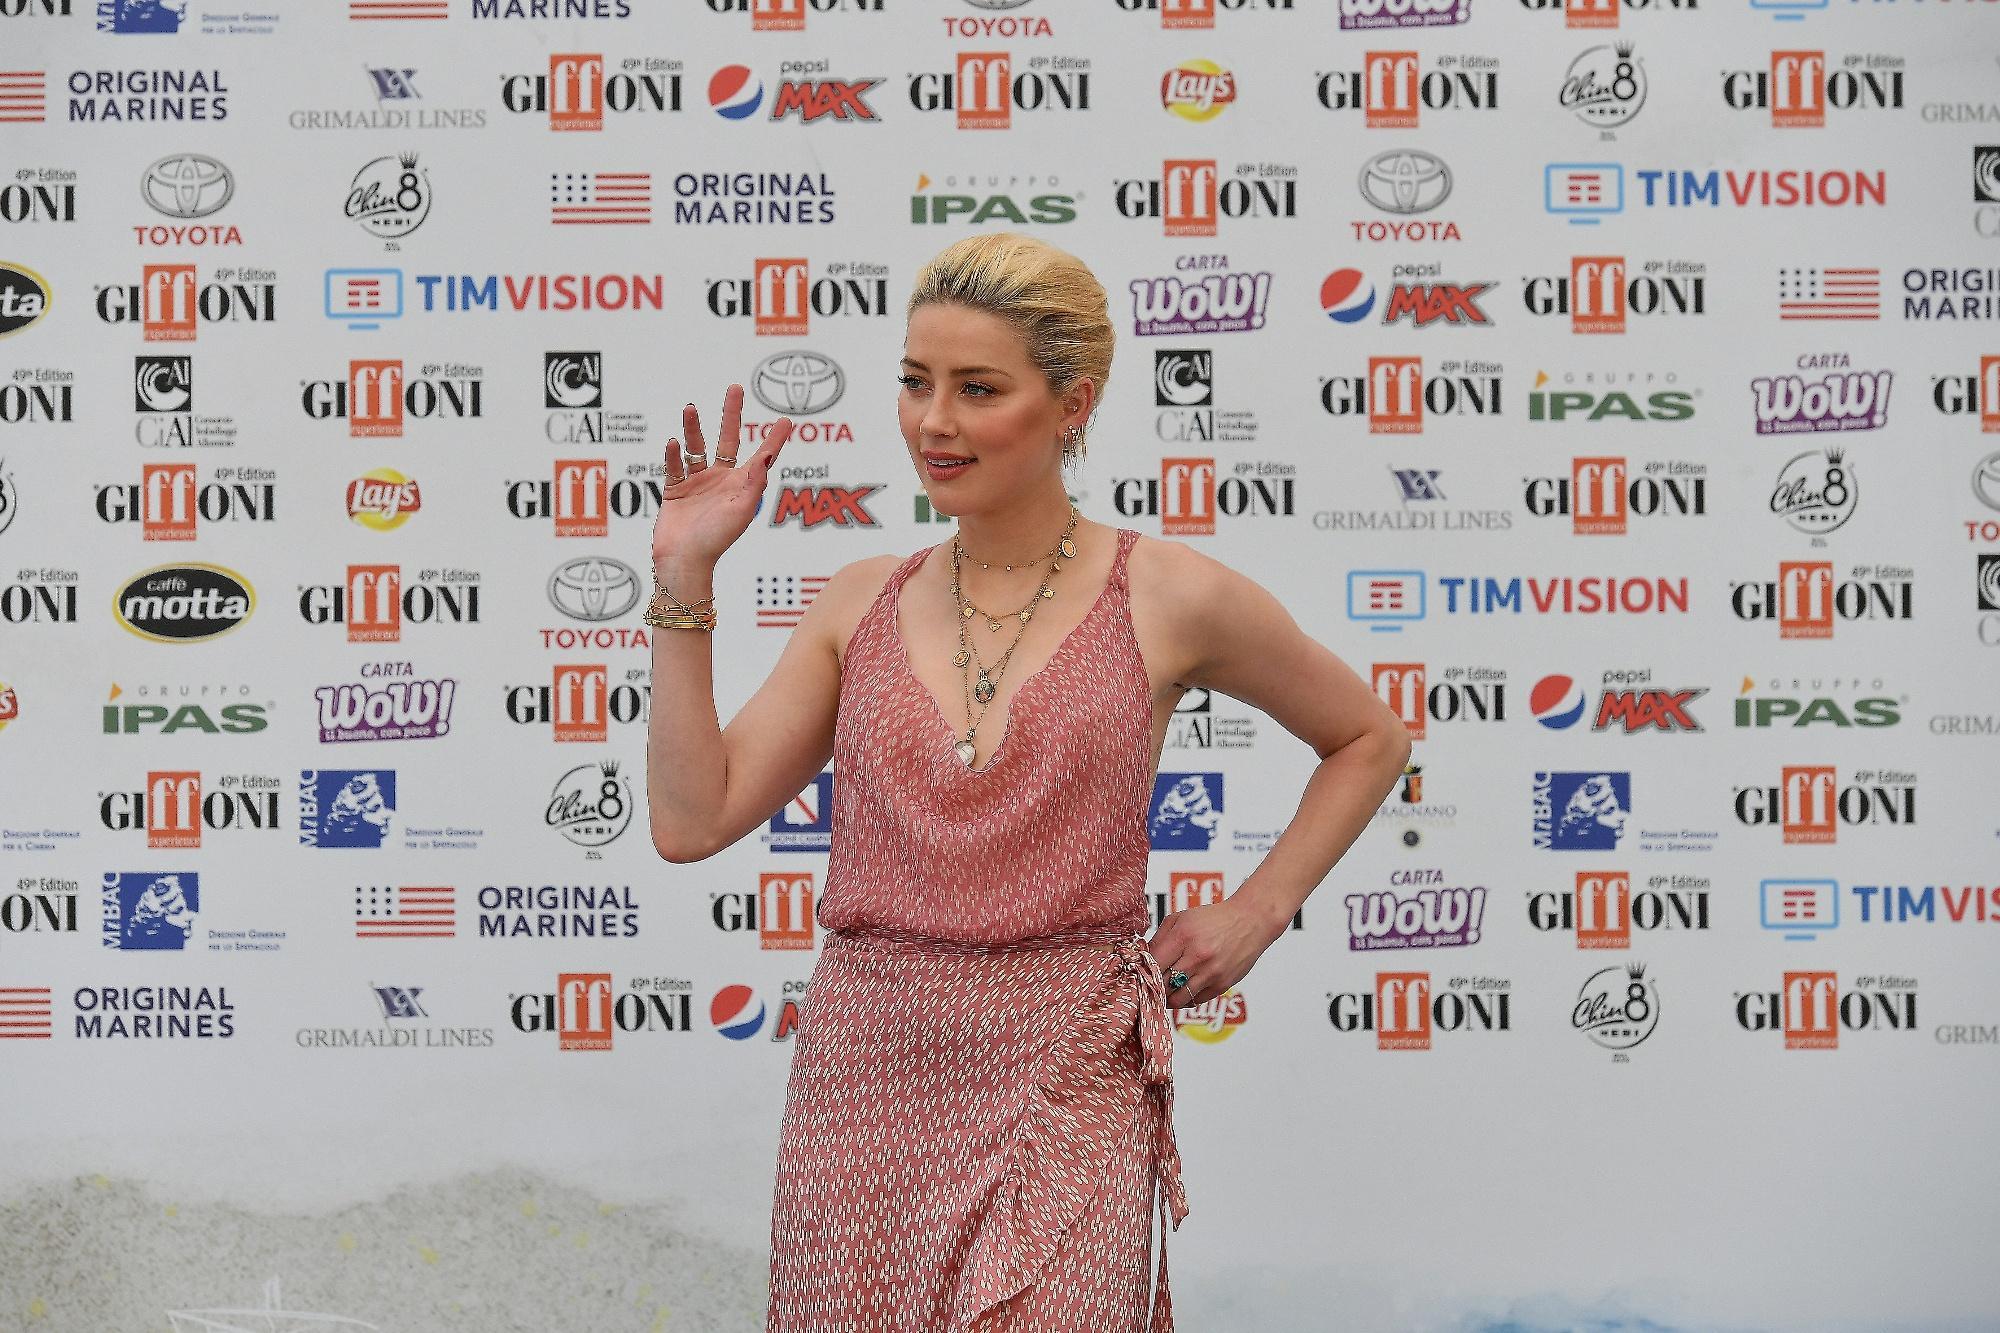 Giffoni Film Festival : da Amber Heard ad Alessandro Borghi, gli ospiti della sesta giornata